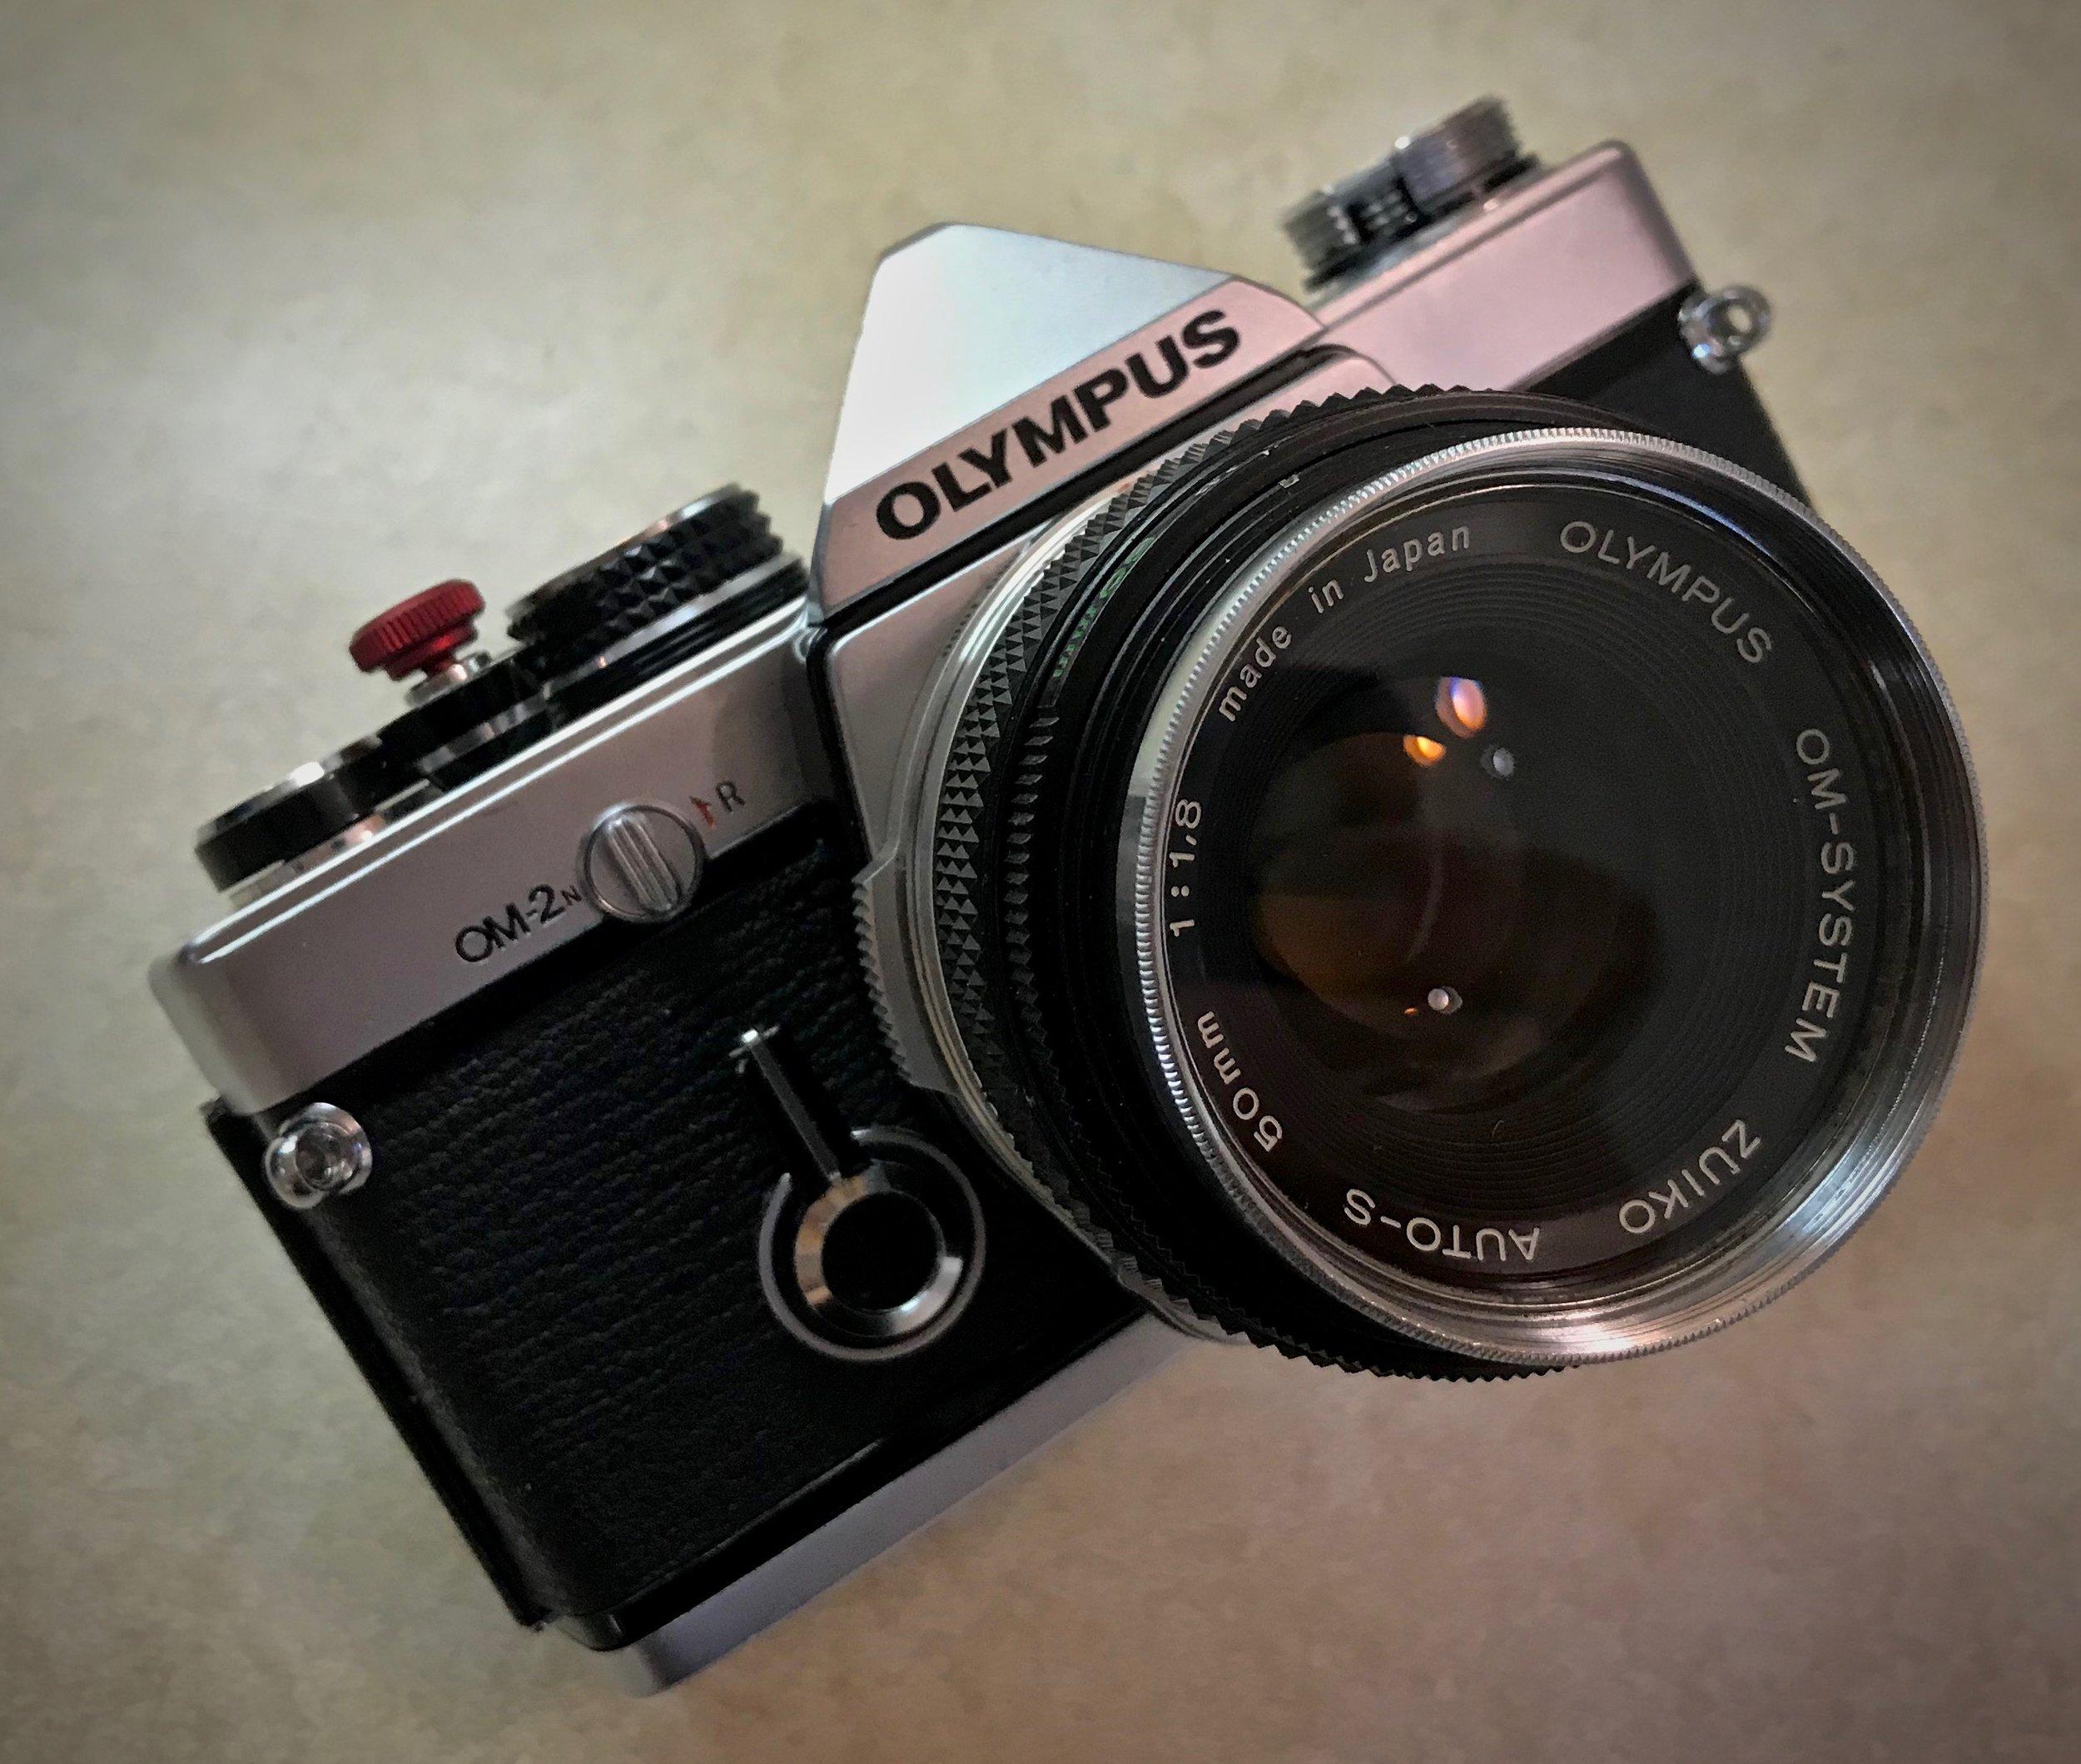 Olympus OM-2n with 50mm f/1.8 Zuiko